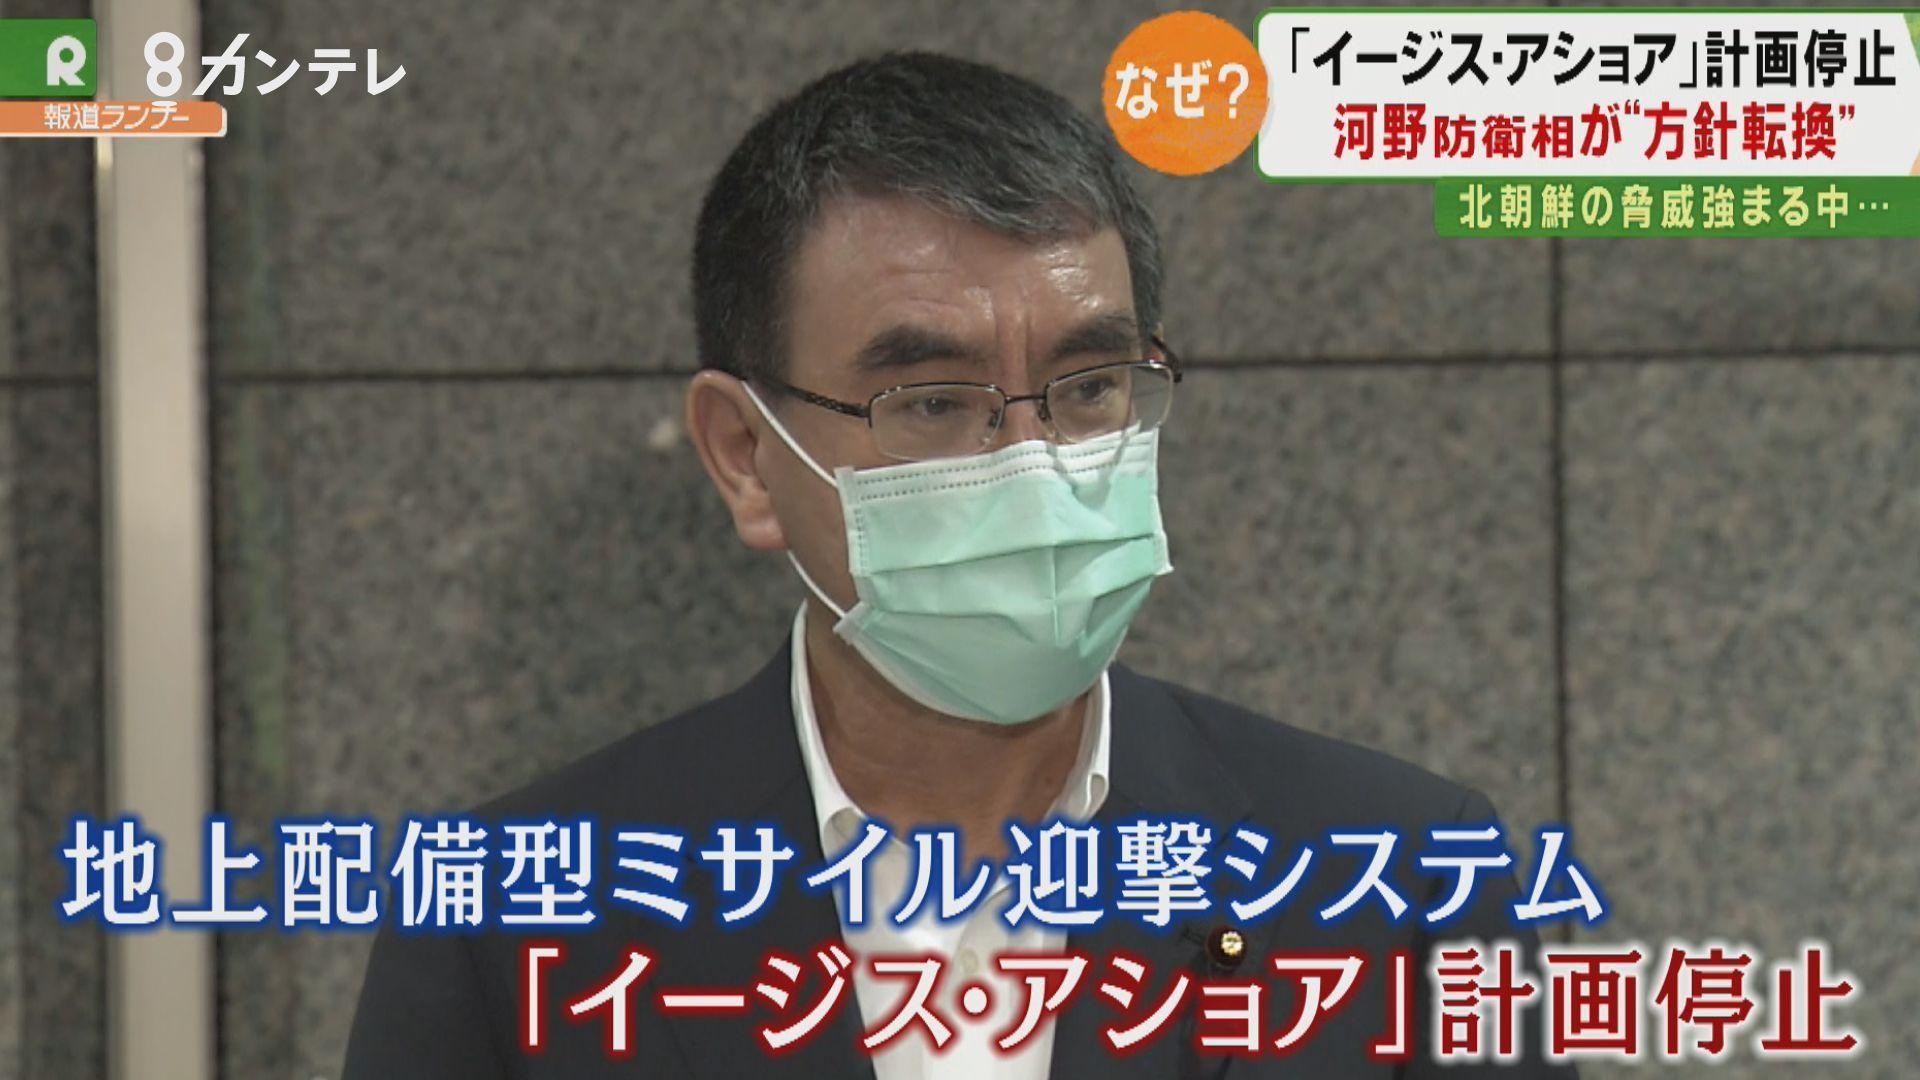 【解説】「イージス・アショア」配備計画停止で問われる『ニッポンのミサイル防衛』(関西テレビ)